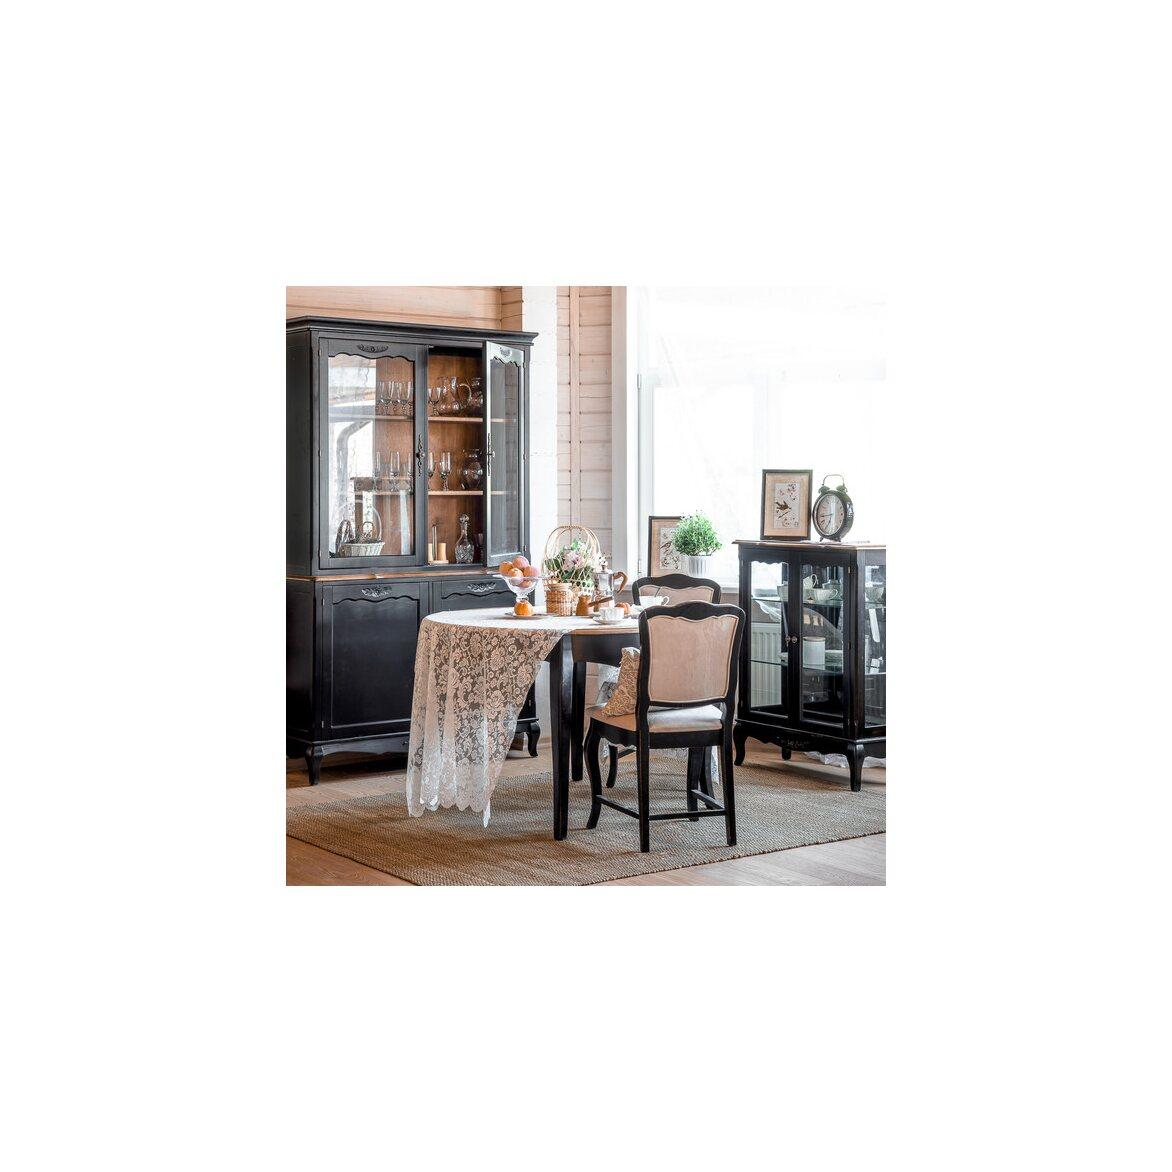 Круглый обеденный стол (большой) Leontina, черного цвета 2 | Обеденные столы Kingsby